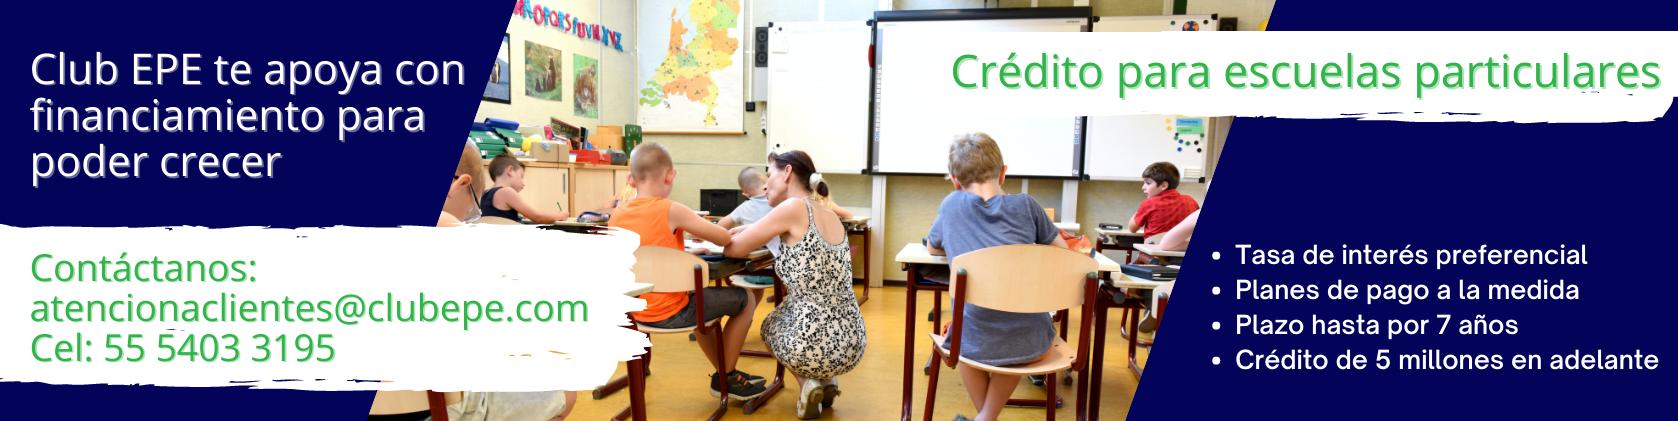 Crédito para escuelas particulares Club EPE